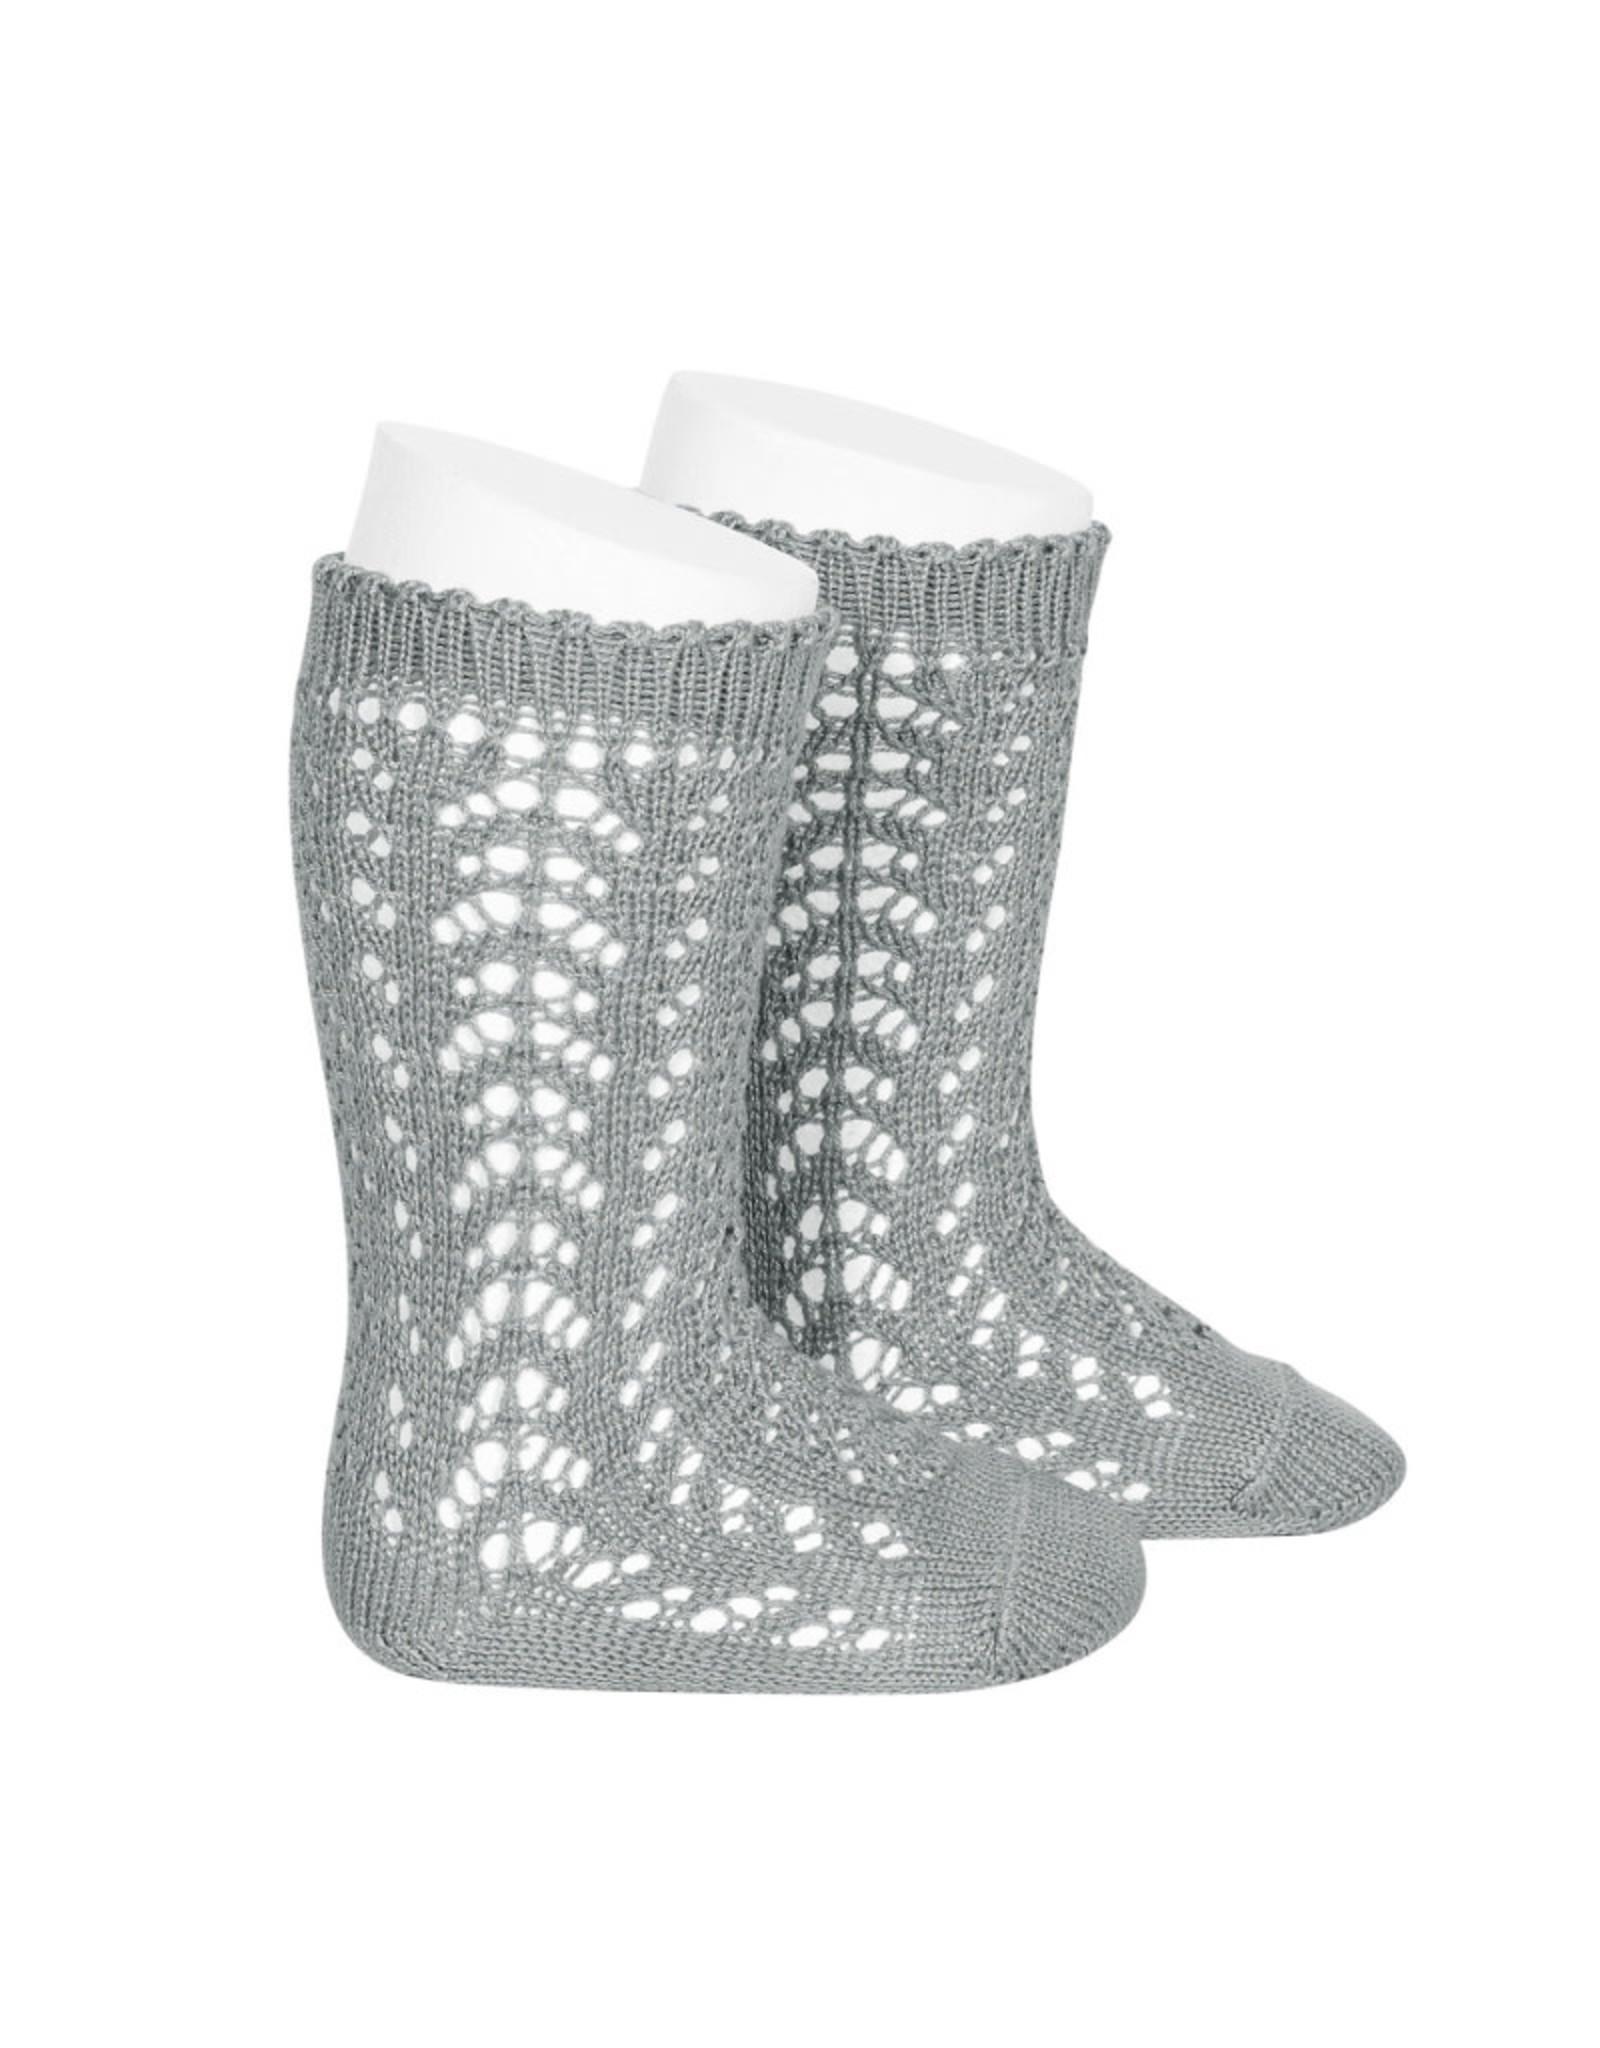 CONDOR Dry Green Openwork Knee Socks